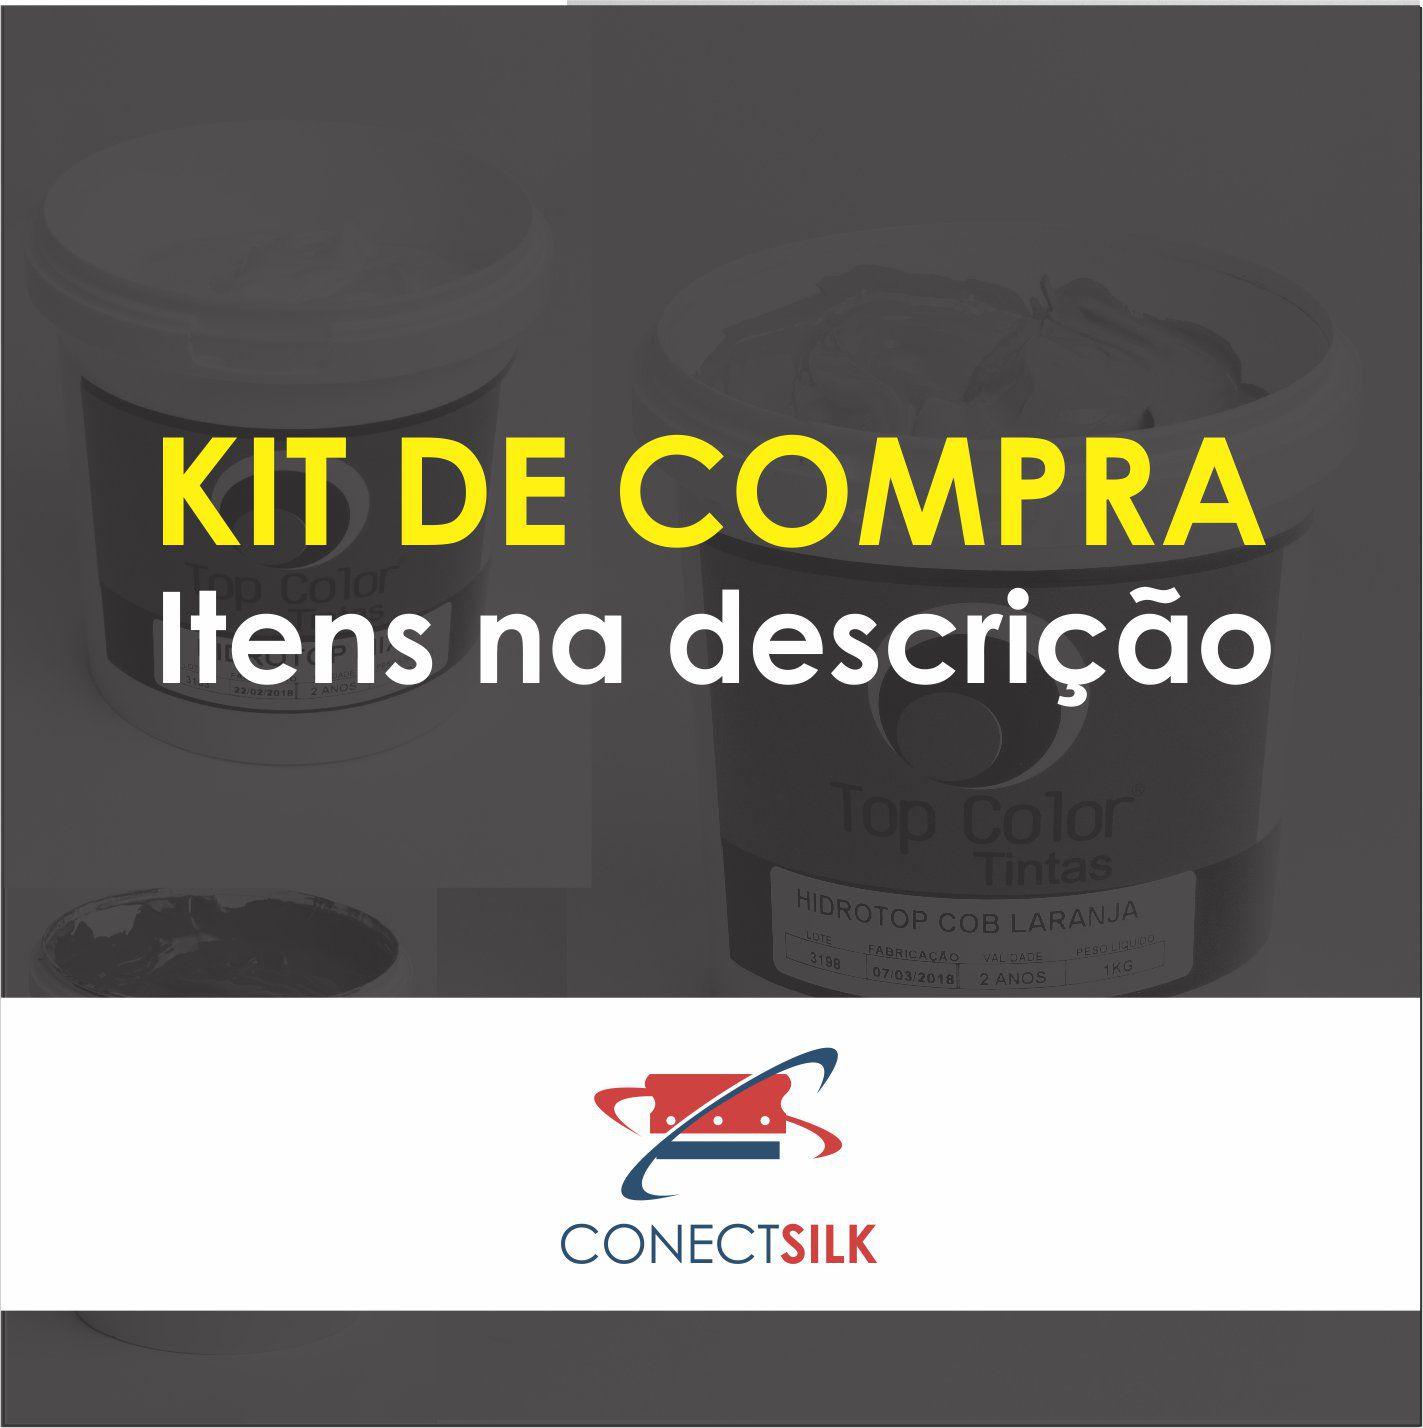 KIT - Hidrotop Super Branco - Gl5  kg + Hidrotop mix Gl4 kg